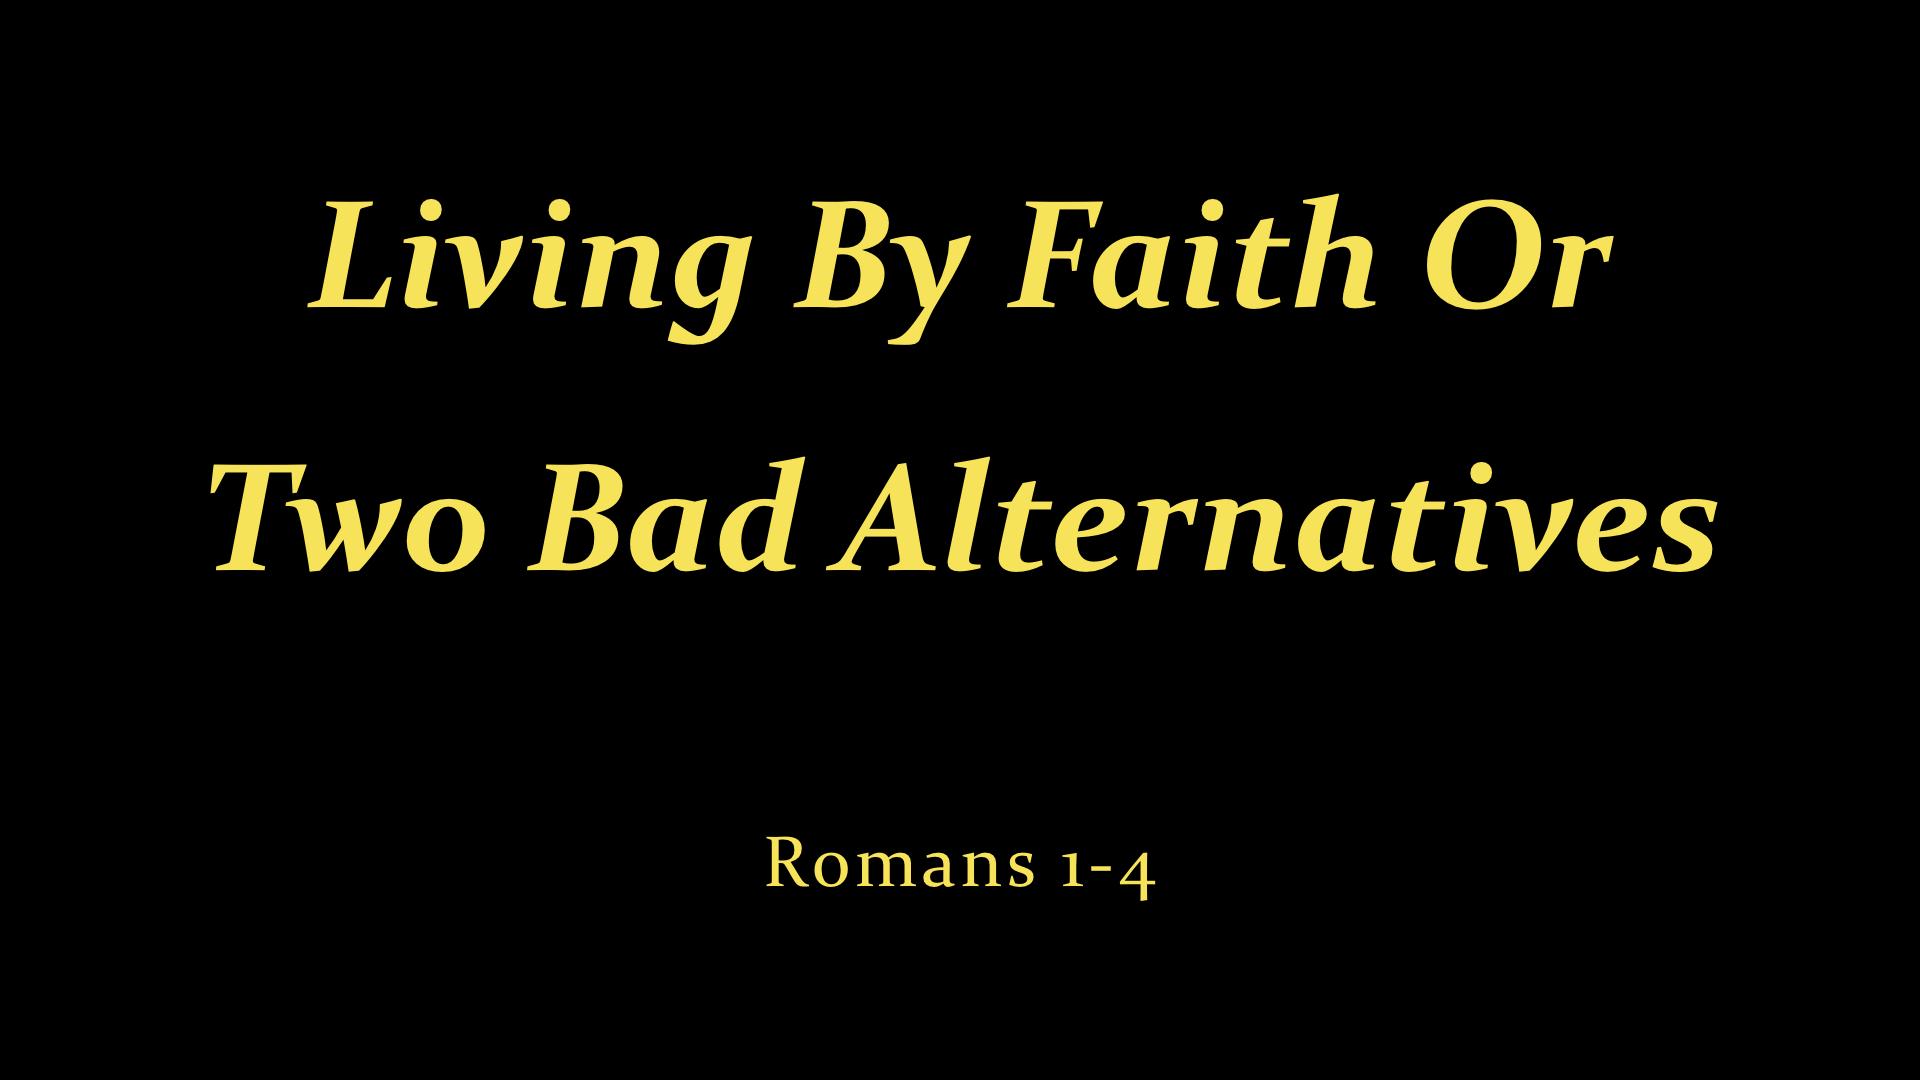 Romans 1-4  Living By Faith Or 2 Bad Alternatives.jpeg